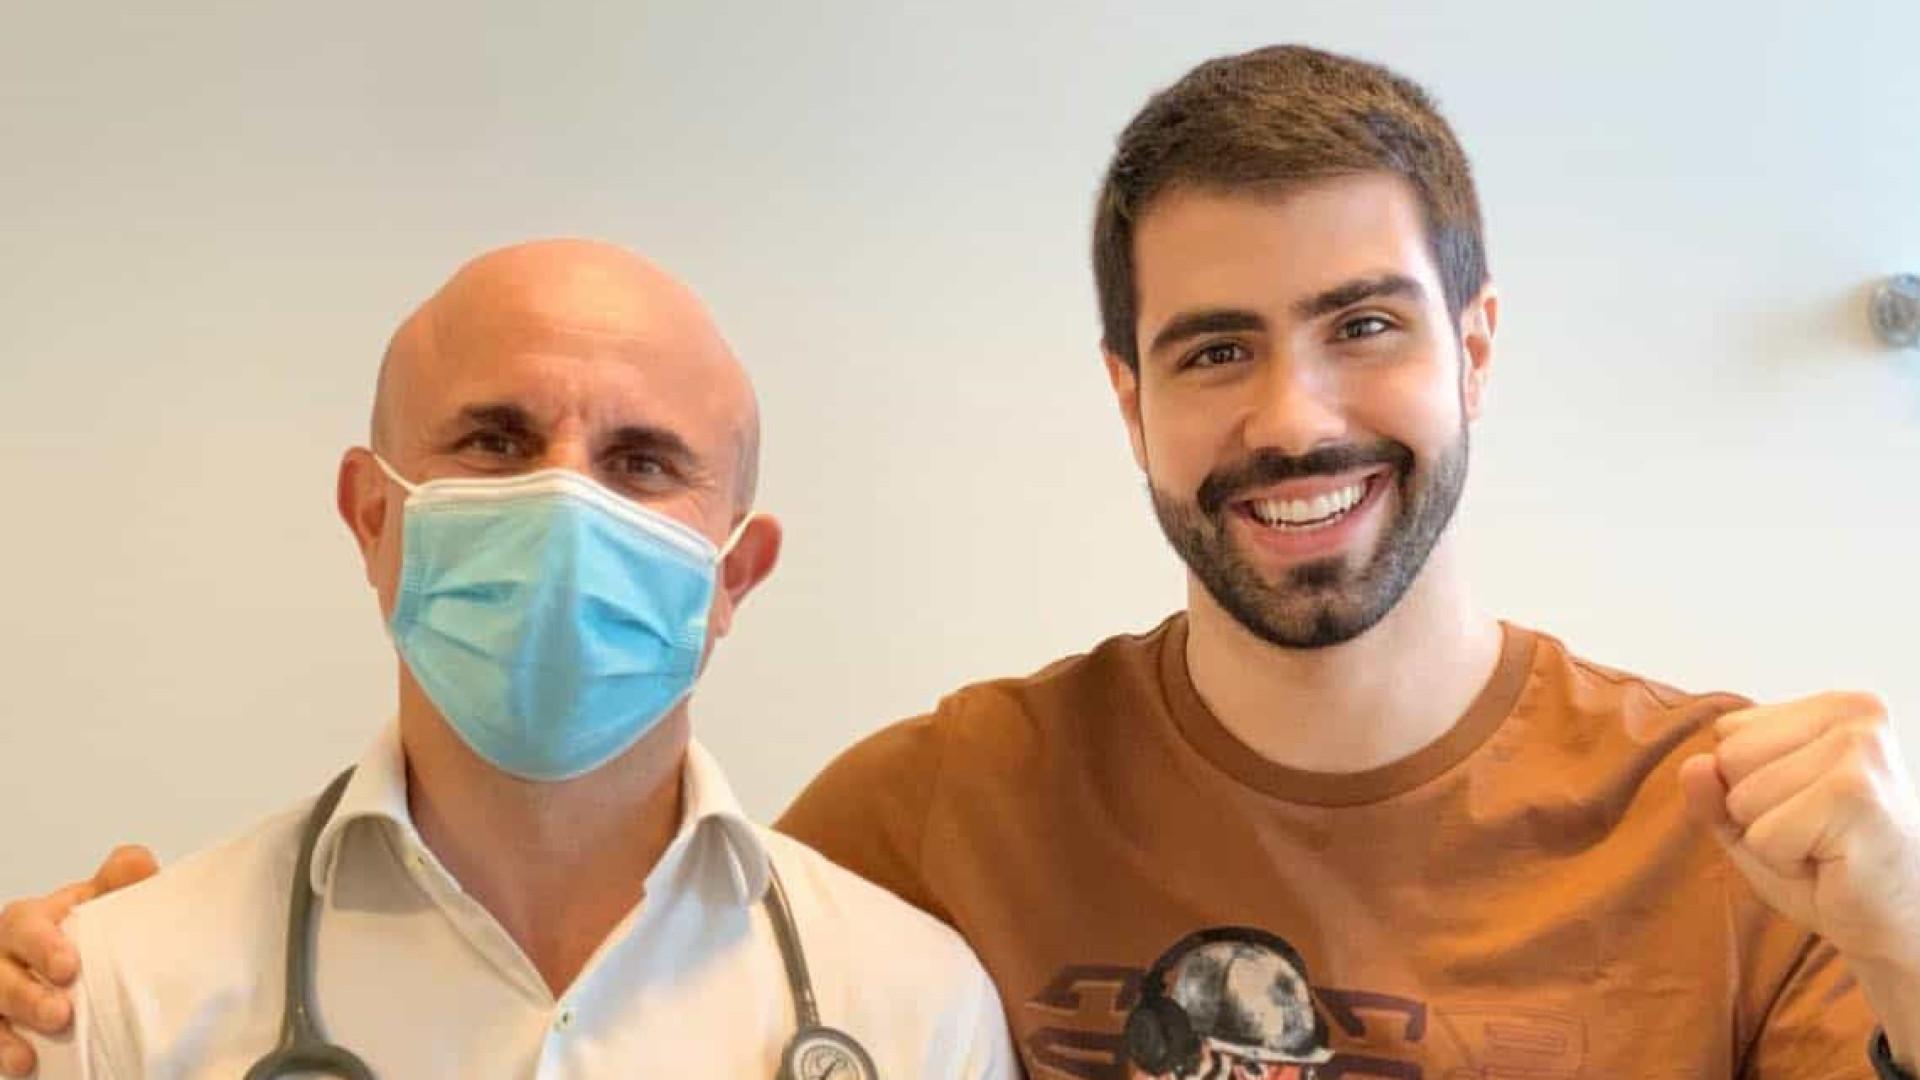 Juliano Laham comemora resultado de cirurgia e diz que está curado de câncer